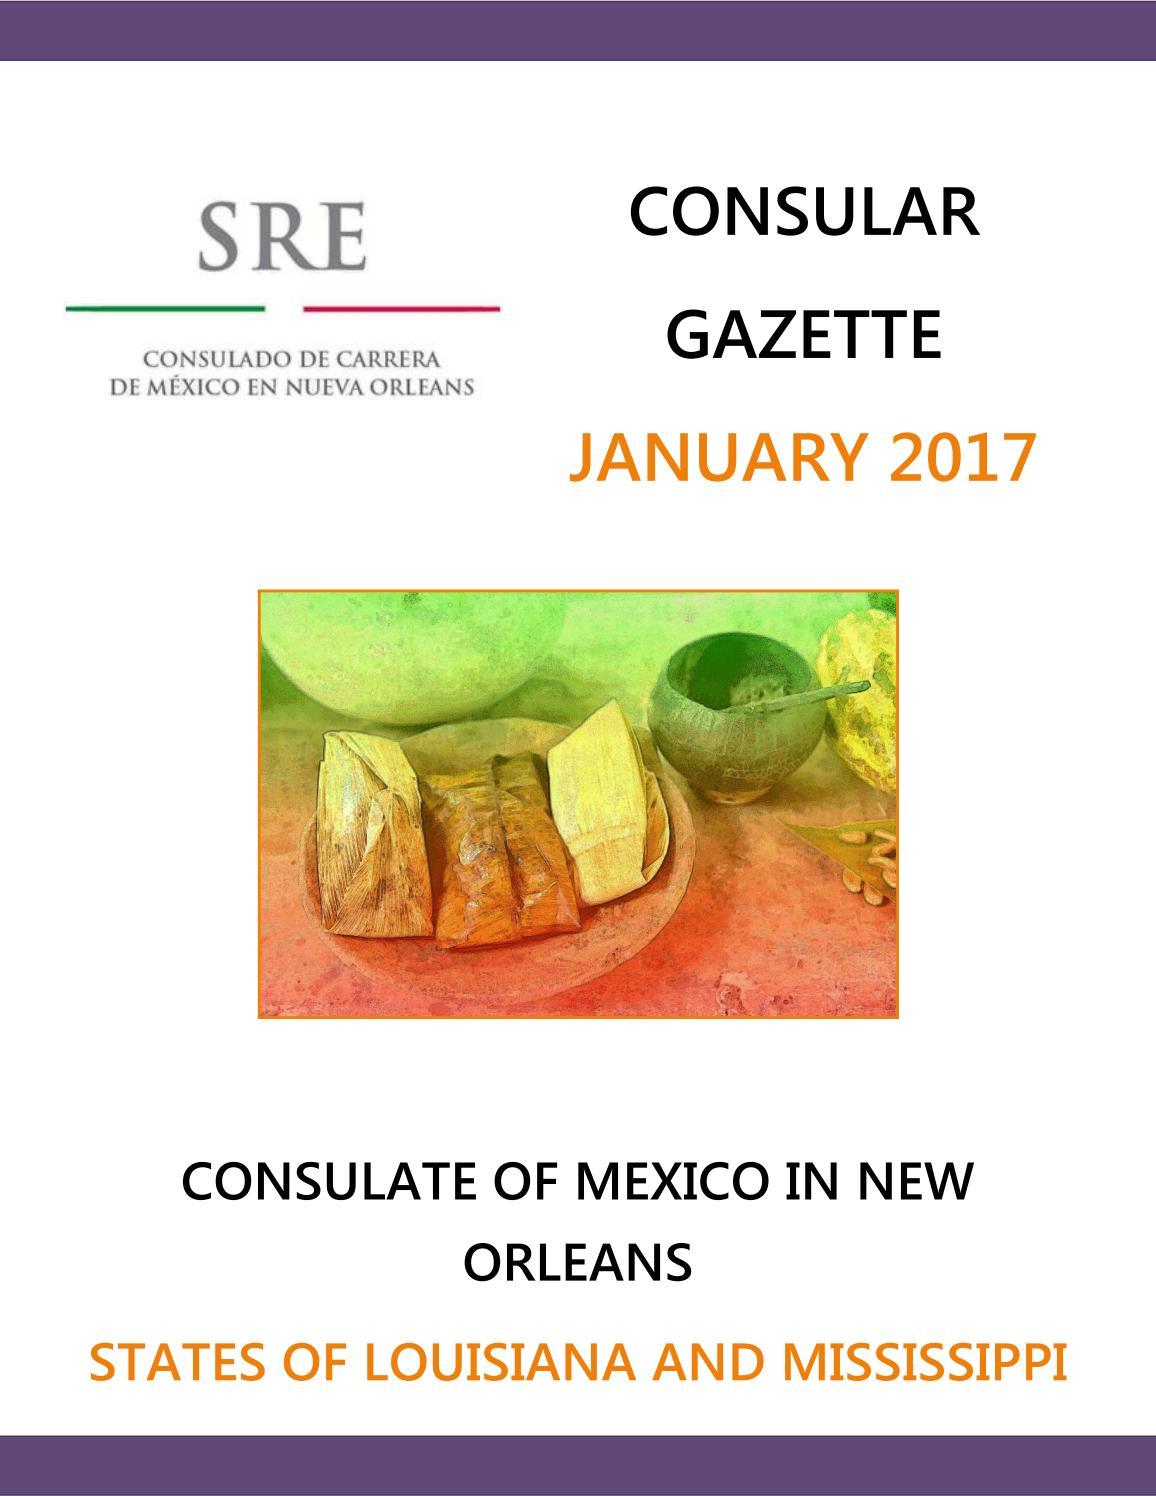 Consular Gazette January 2017 by Consulado de México en Nueva